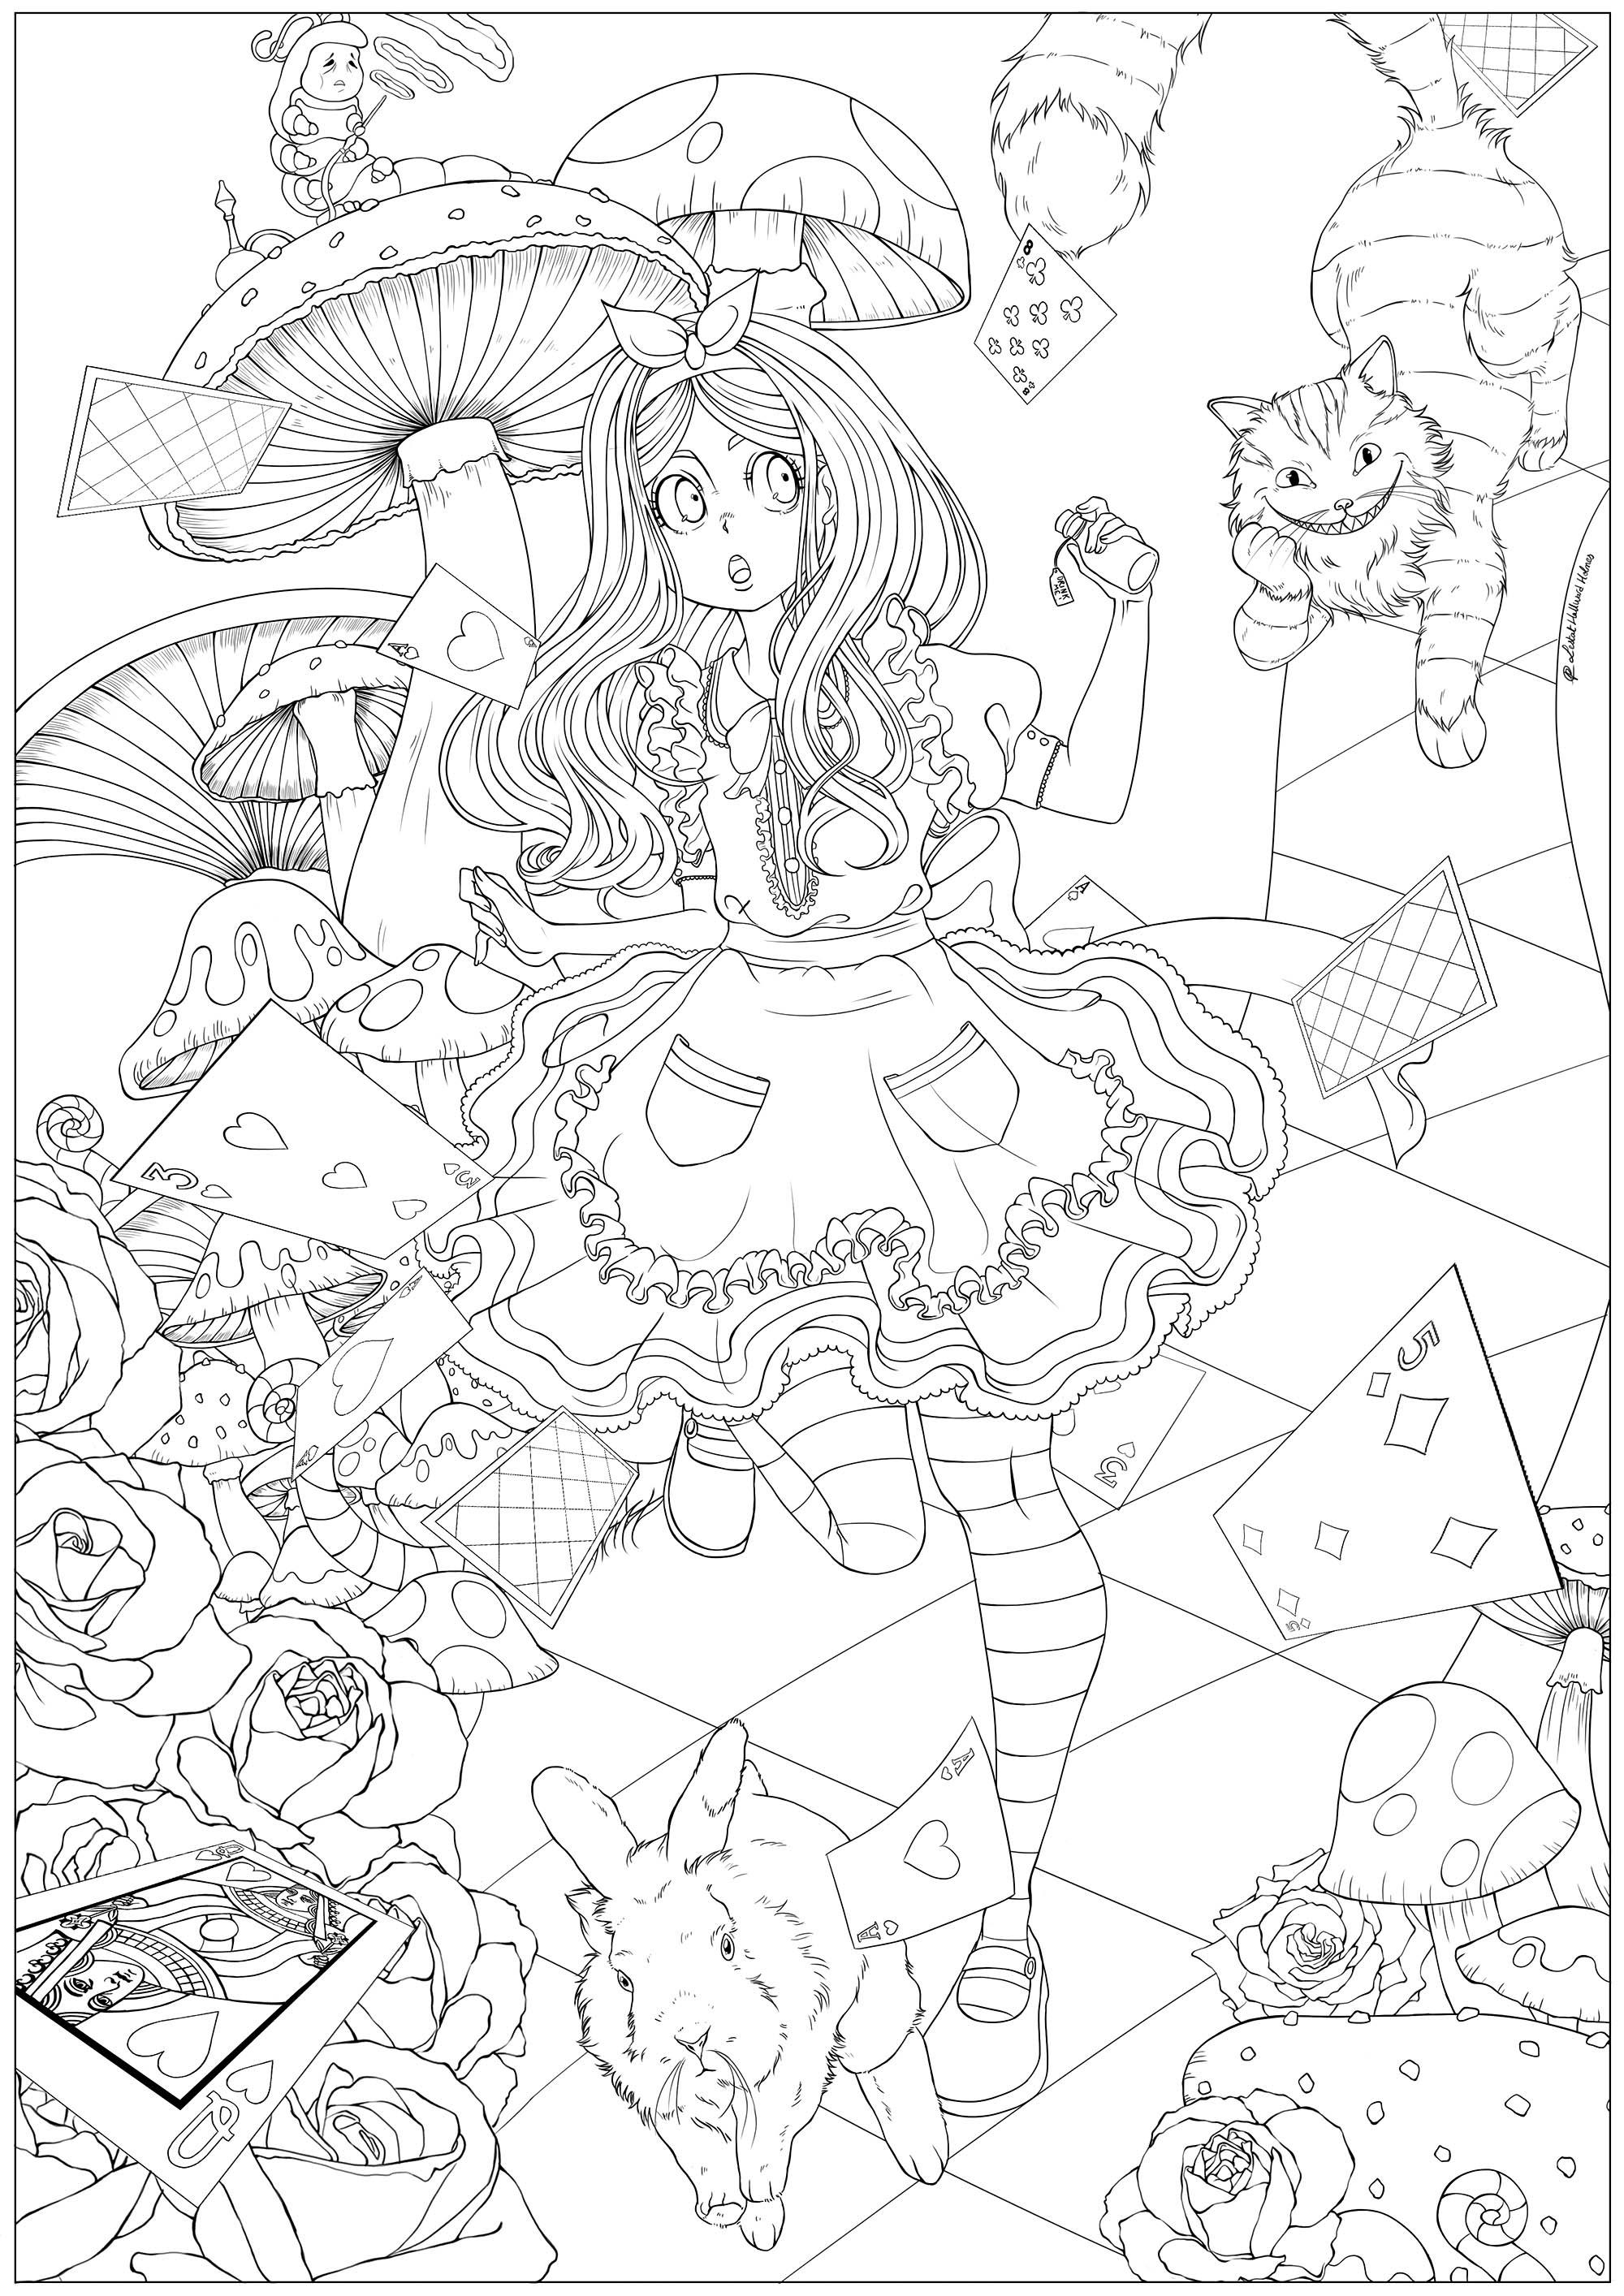 Alice Au Pays Des Merveilles 1 - Retour En Enfance à Coloriage Alice Au Pays Des Merveilles A Imprimer Gratuit